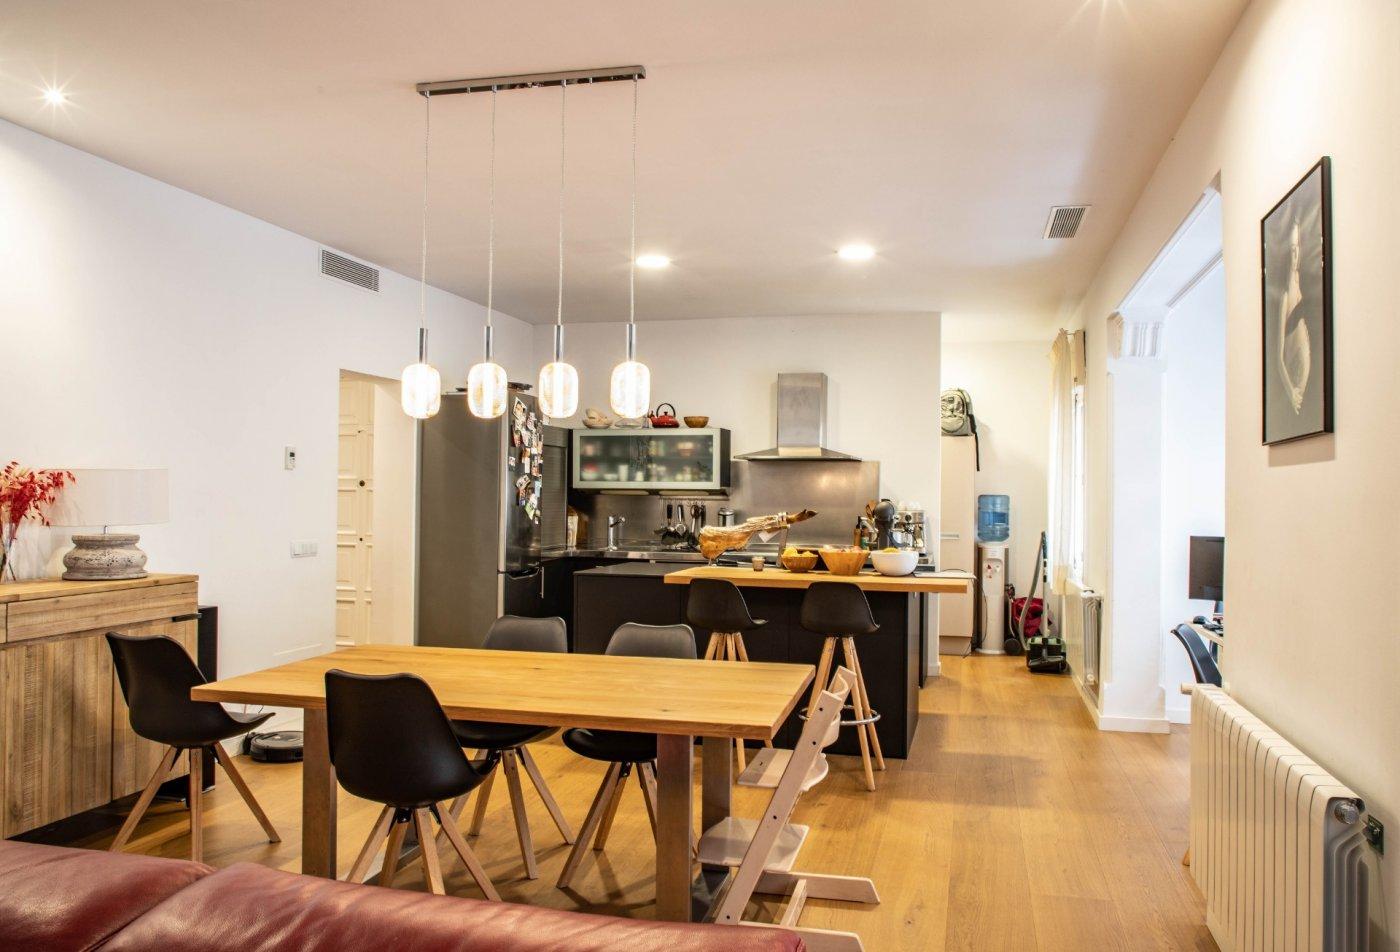 Excelente piso en muy buena ubicacion - imagenInmueble4